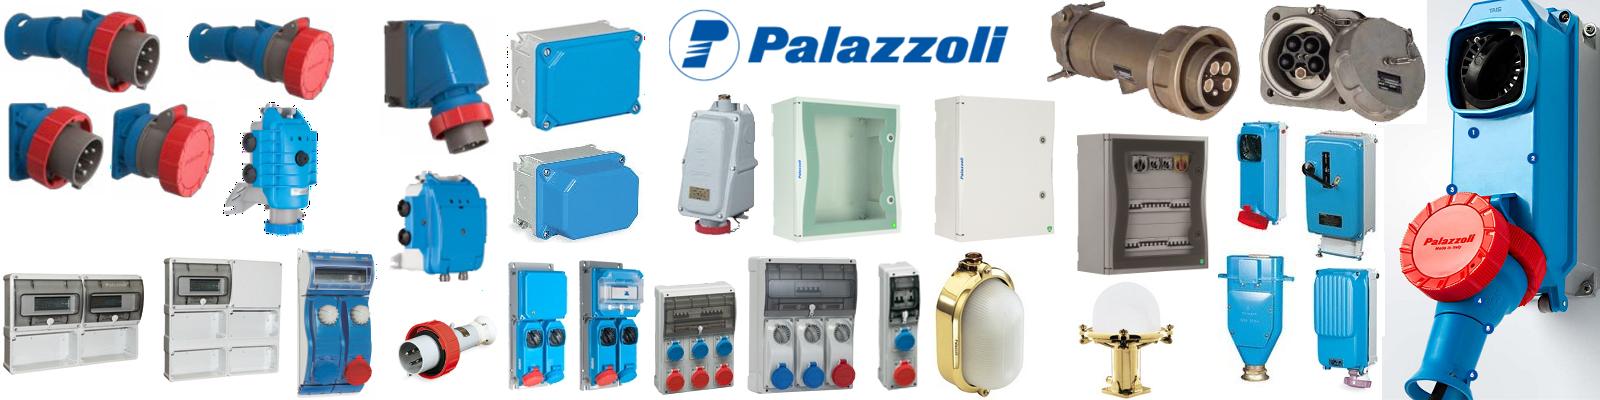 банер на италианския завод Палацоли с различни продукти